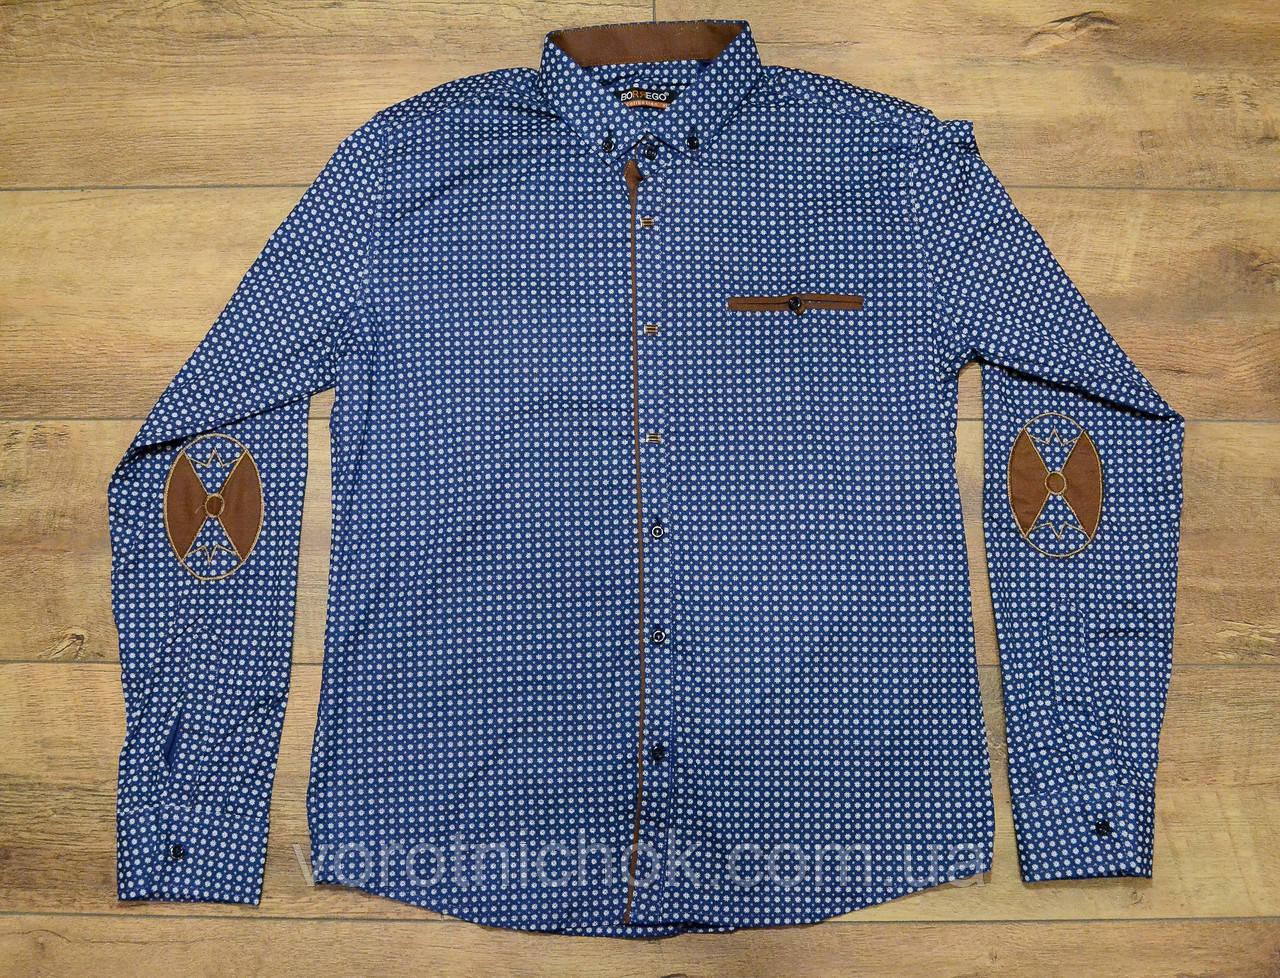 Стрейчевая мужская рубашка m- xxxl размеры